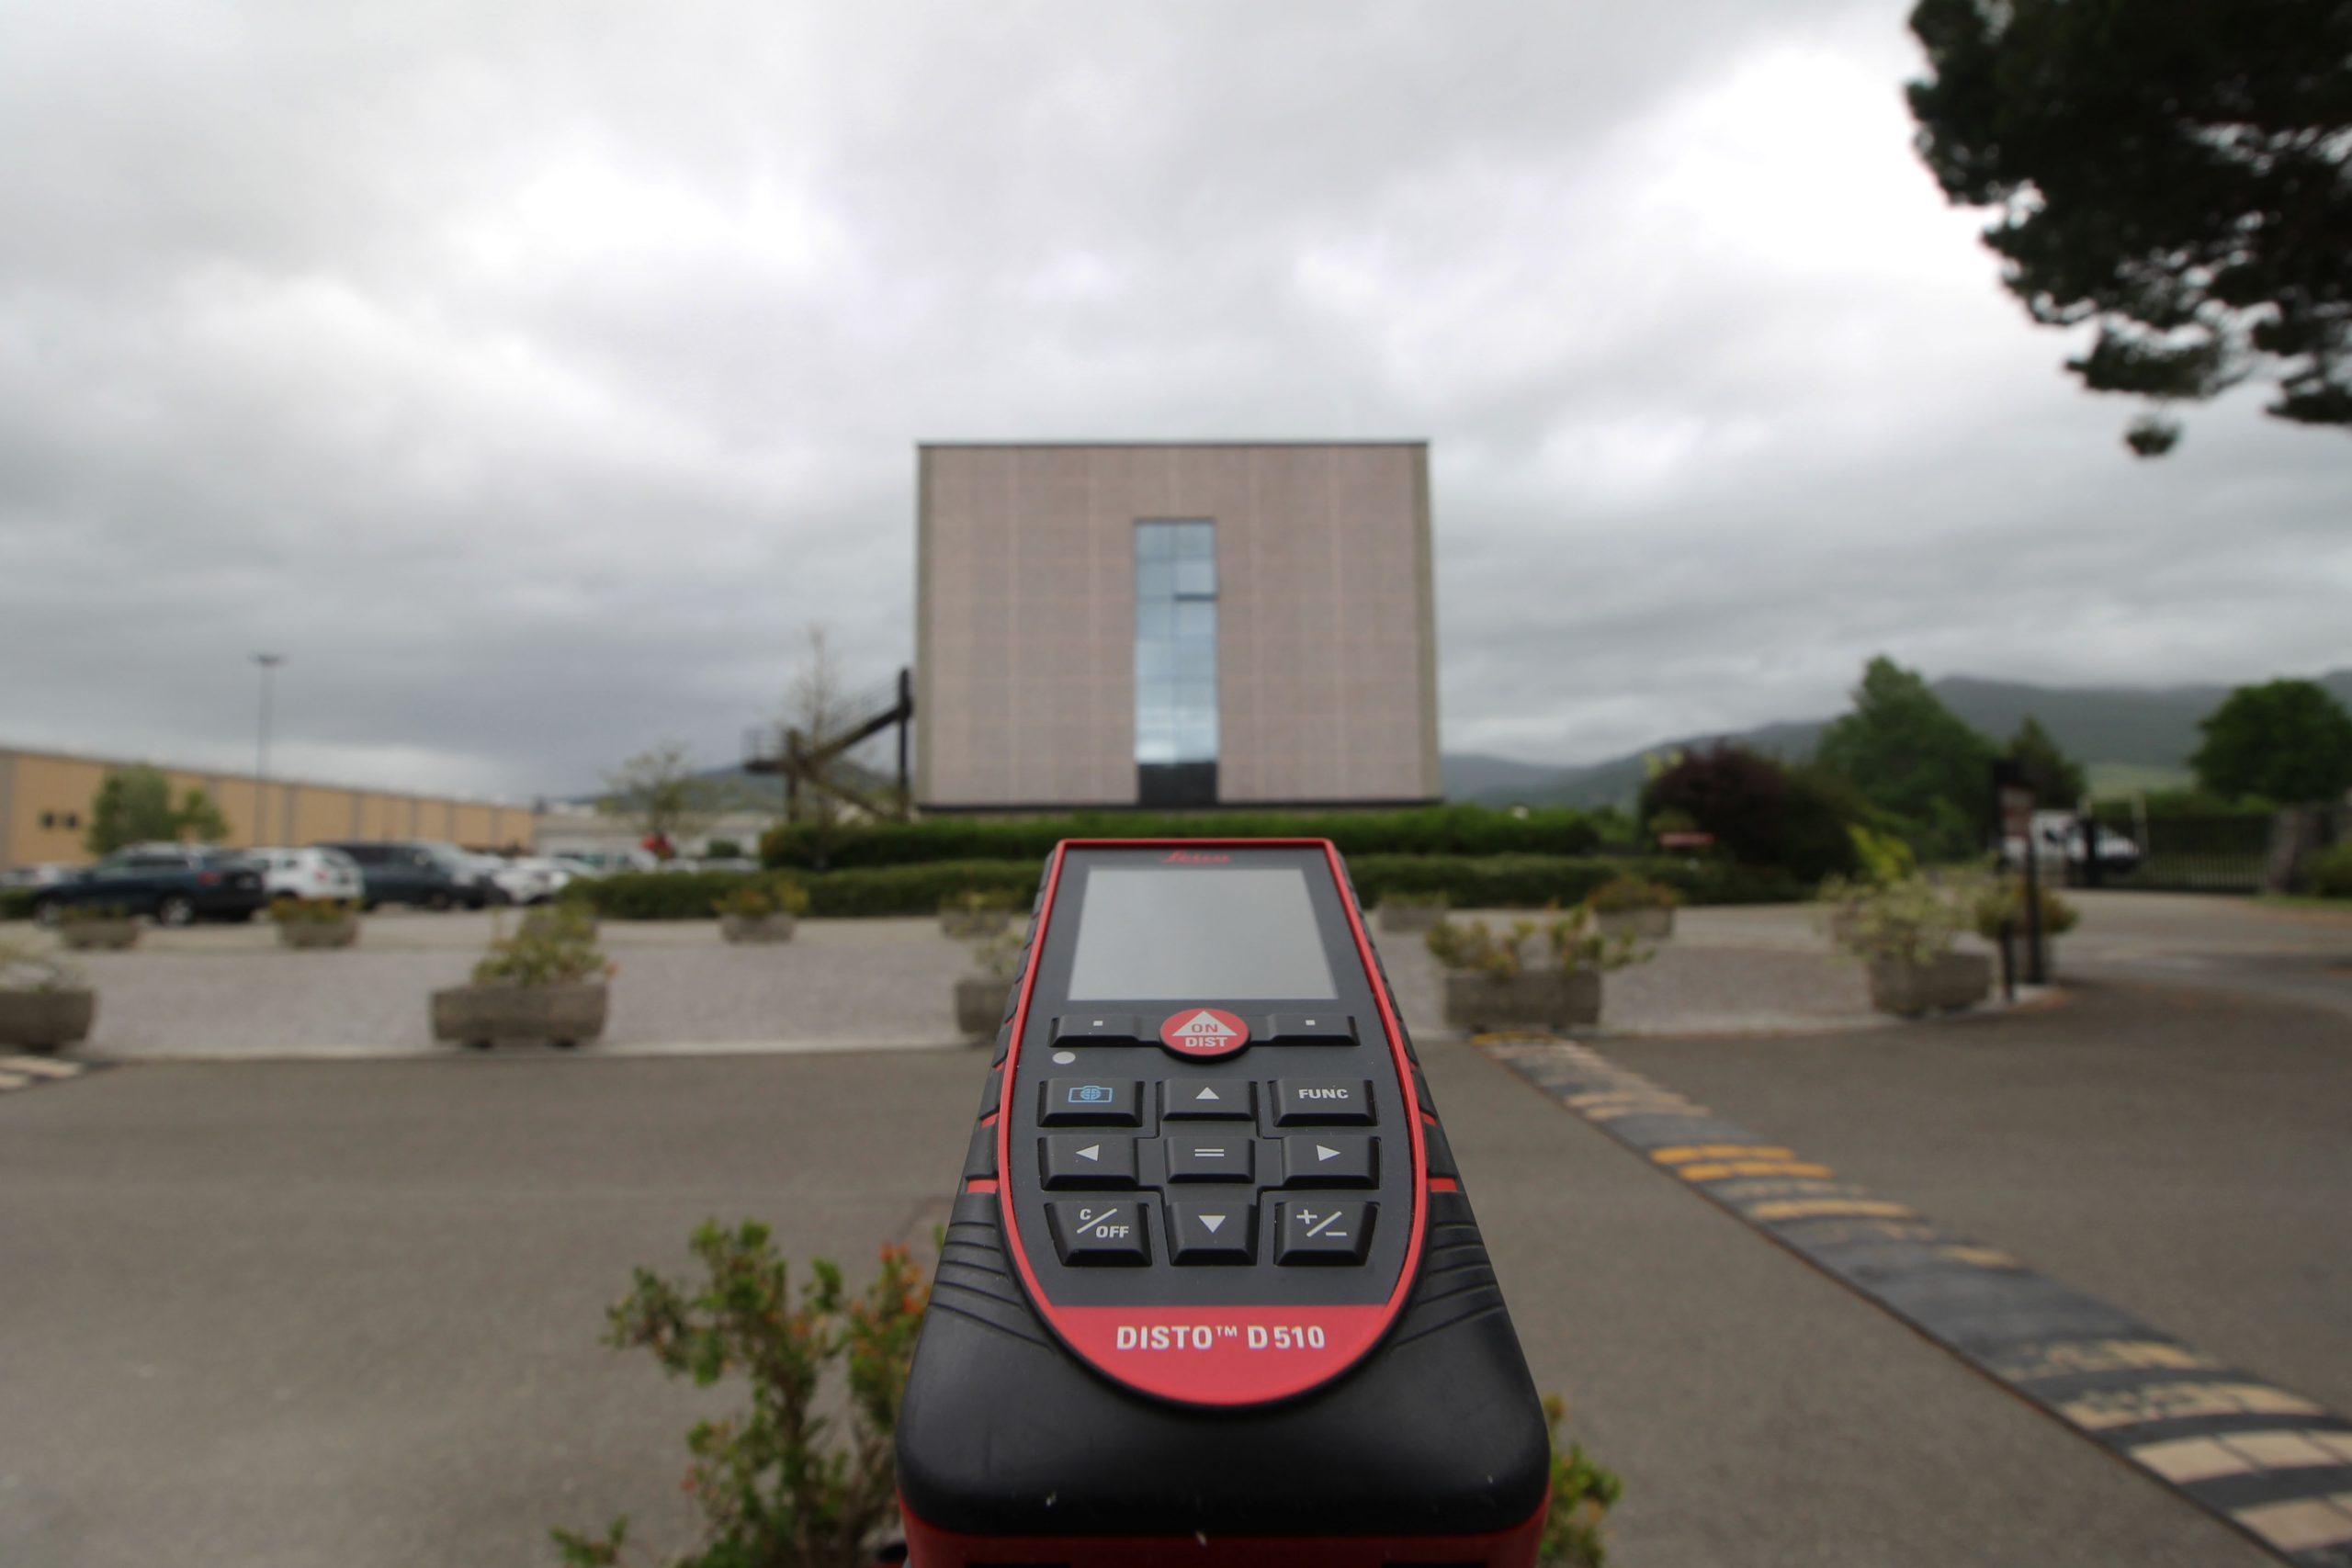 Strumento di rilevazione distanza e sullo sfondo la facciata di proiezione